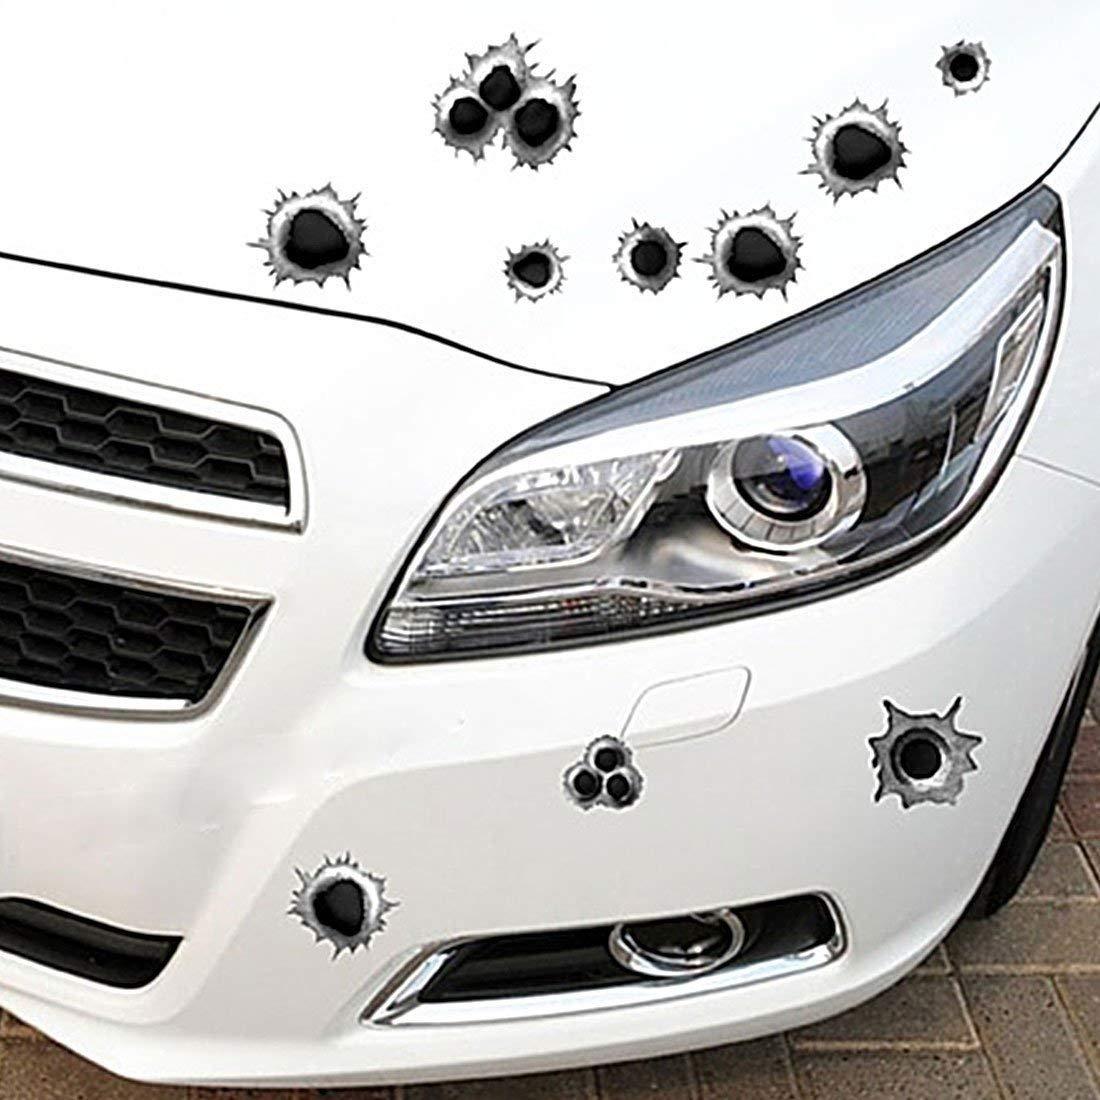 Car Stickers Home Simulazione del Foro di pallottola dellautoadesivo dellautoadesivo dellautomobile 3D Decorazione Autoadesivo dellautoadesivo A